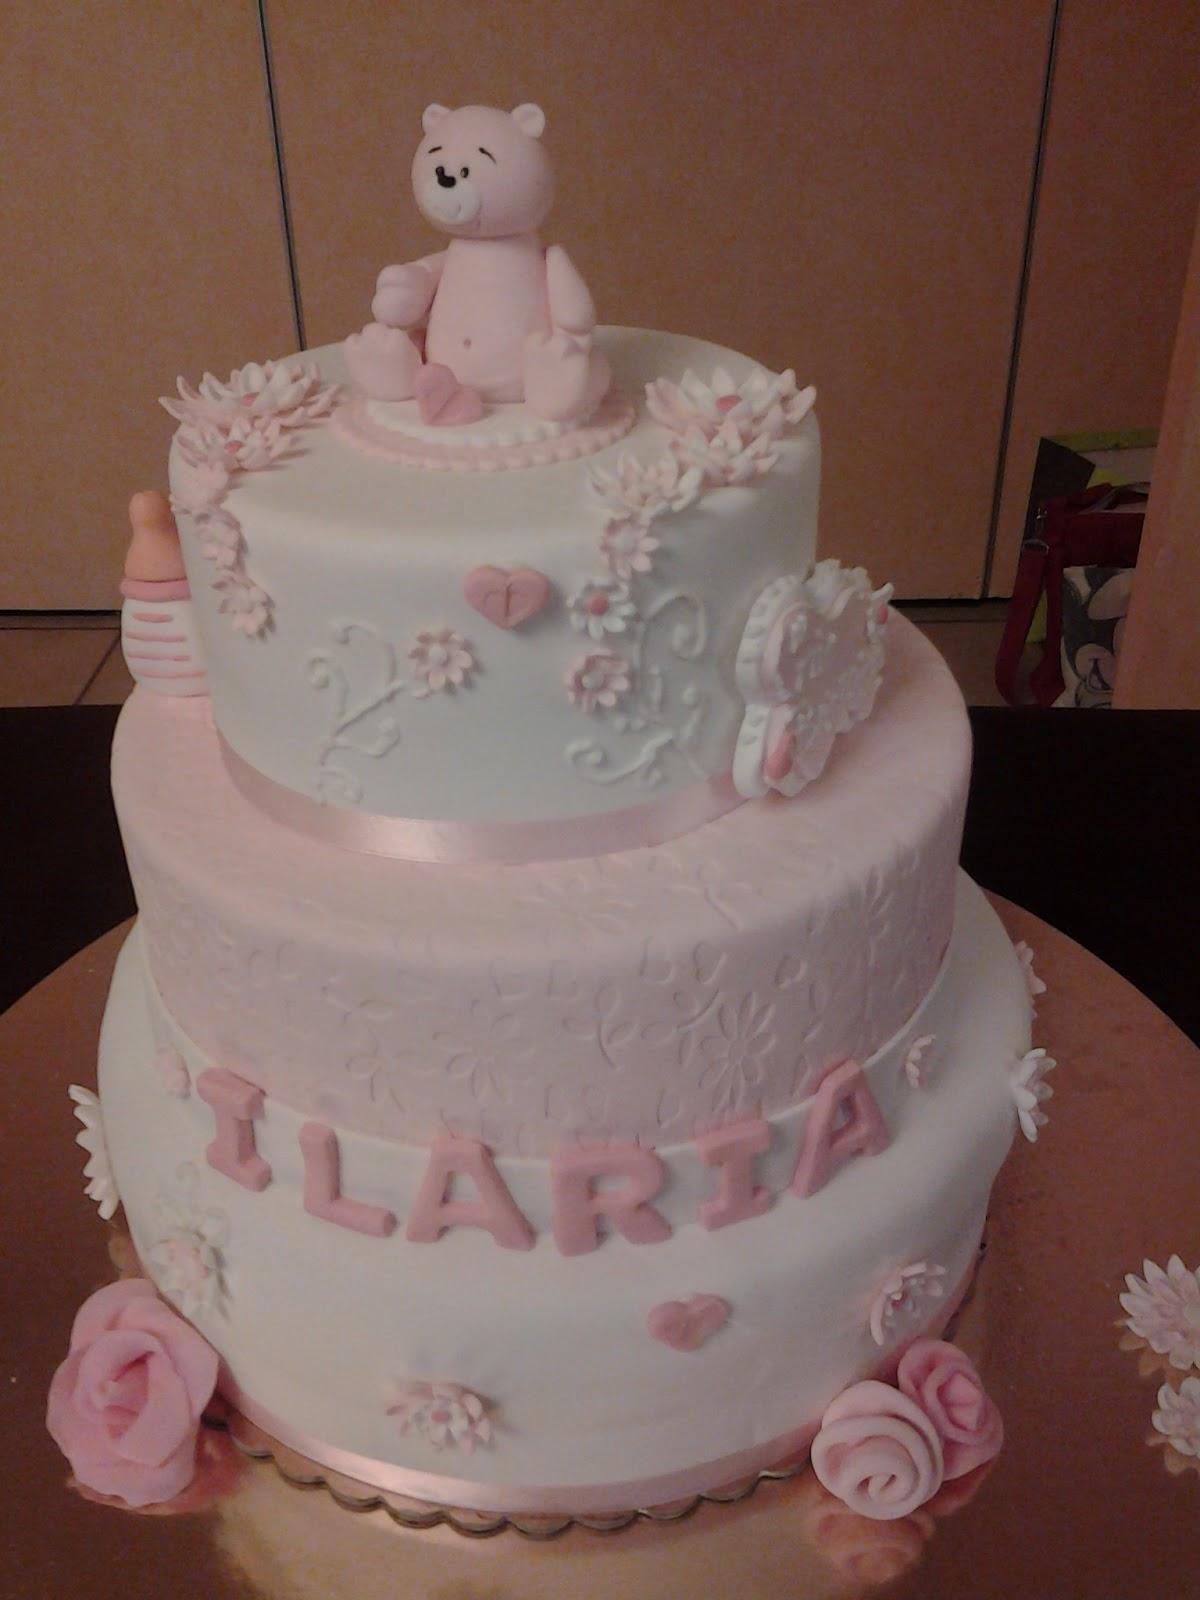 Associazione Italiana Cake Design : I dolci di Agata... e non solo !!!: I miei corsi di Cake ...